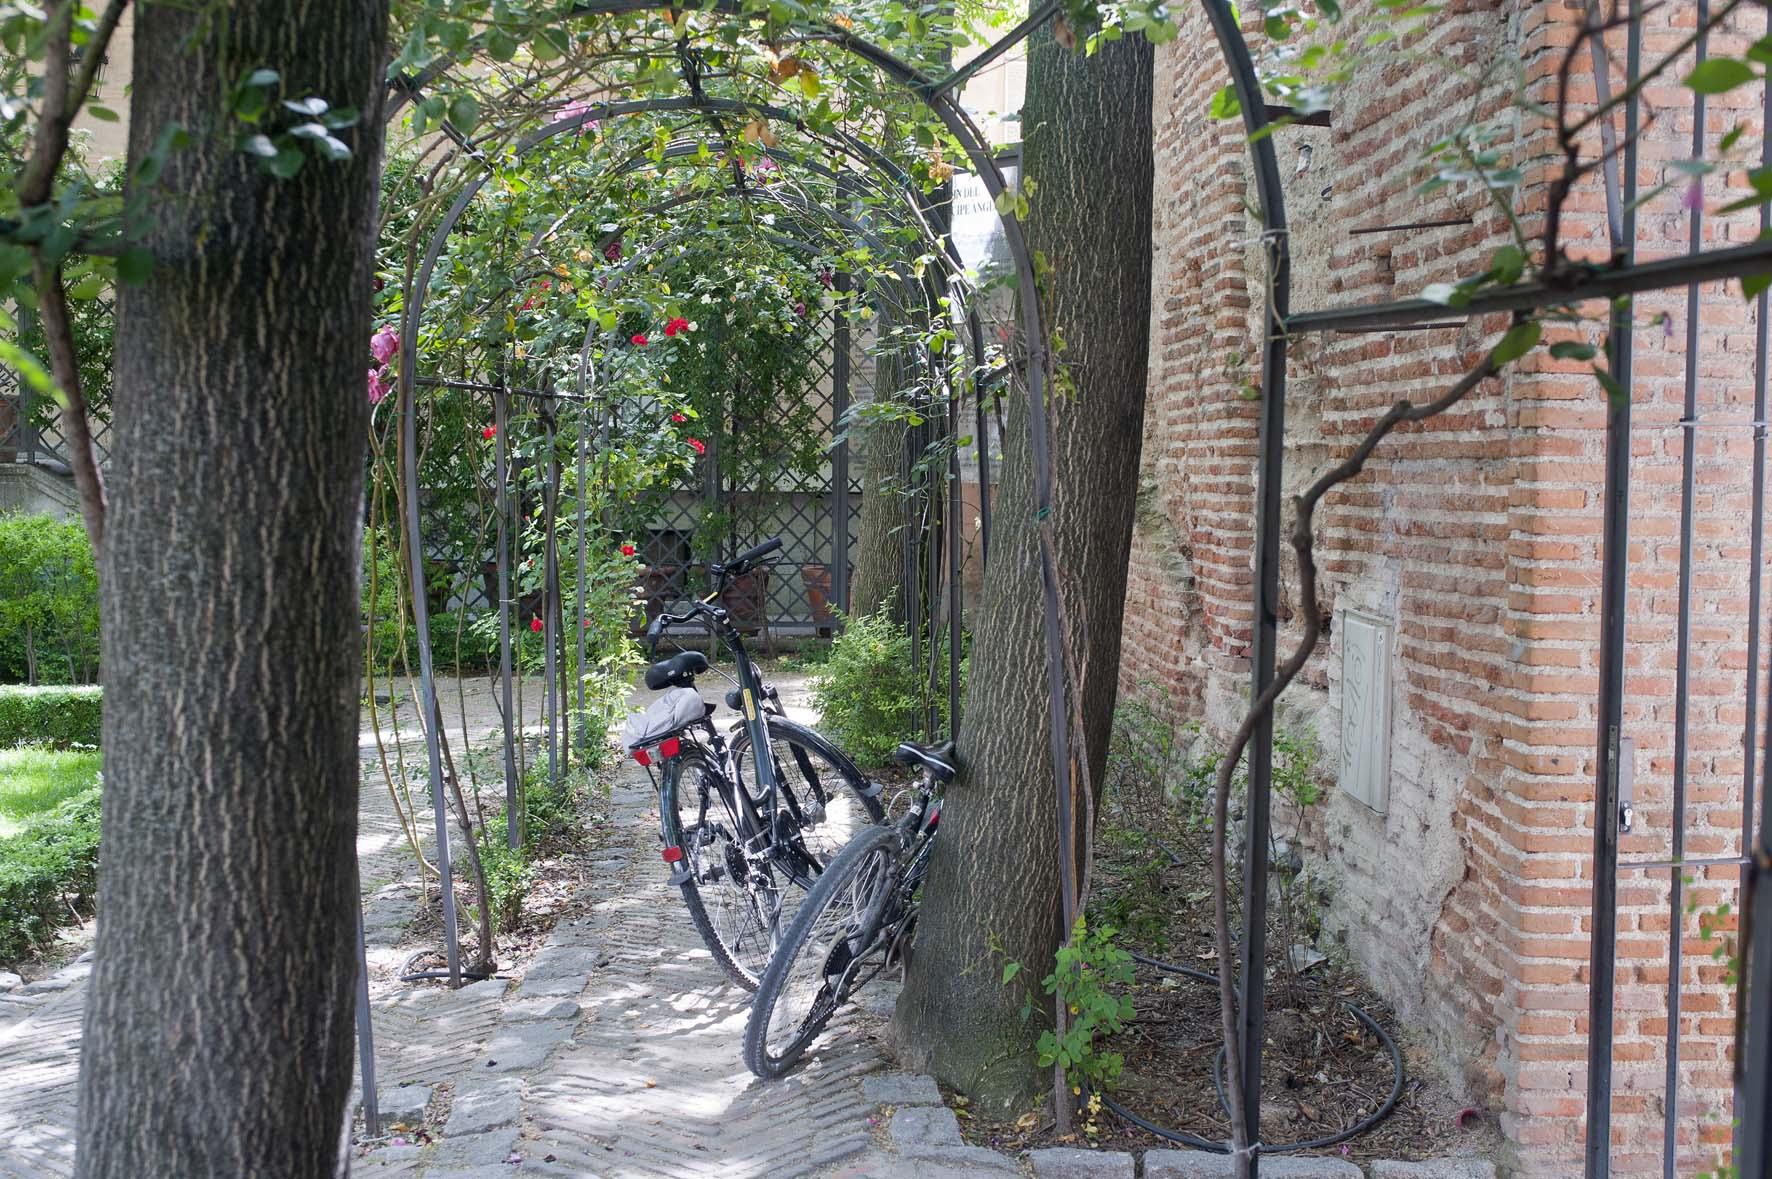 Ruta en bicicleta, Jardines escondidos de Madrid, Jardin del principe de Anglona.